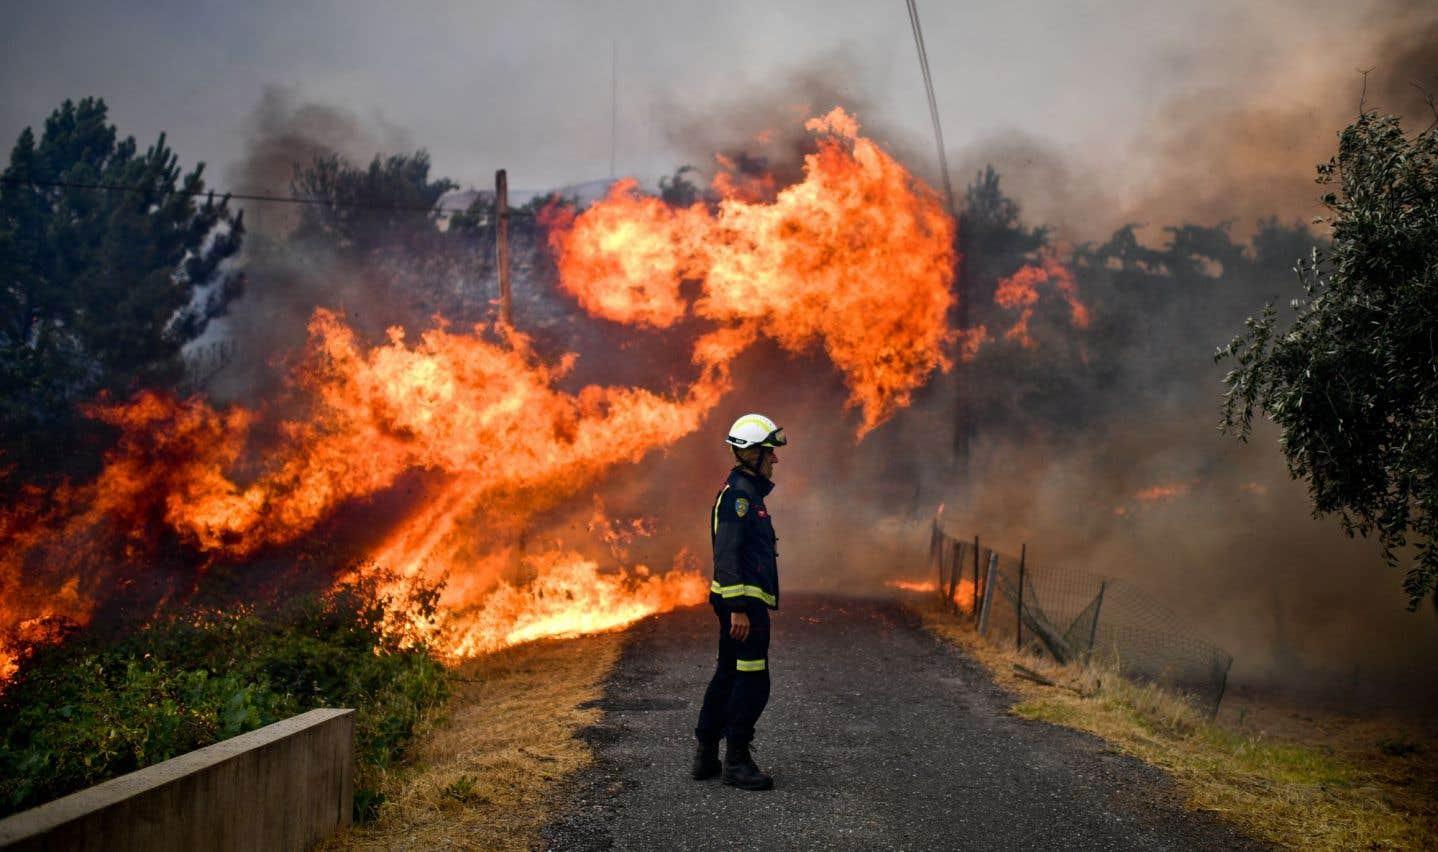 Sécheresses et incendies, des phénomènes appelés à s'intensifier